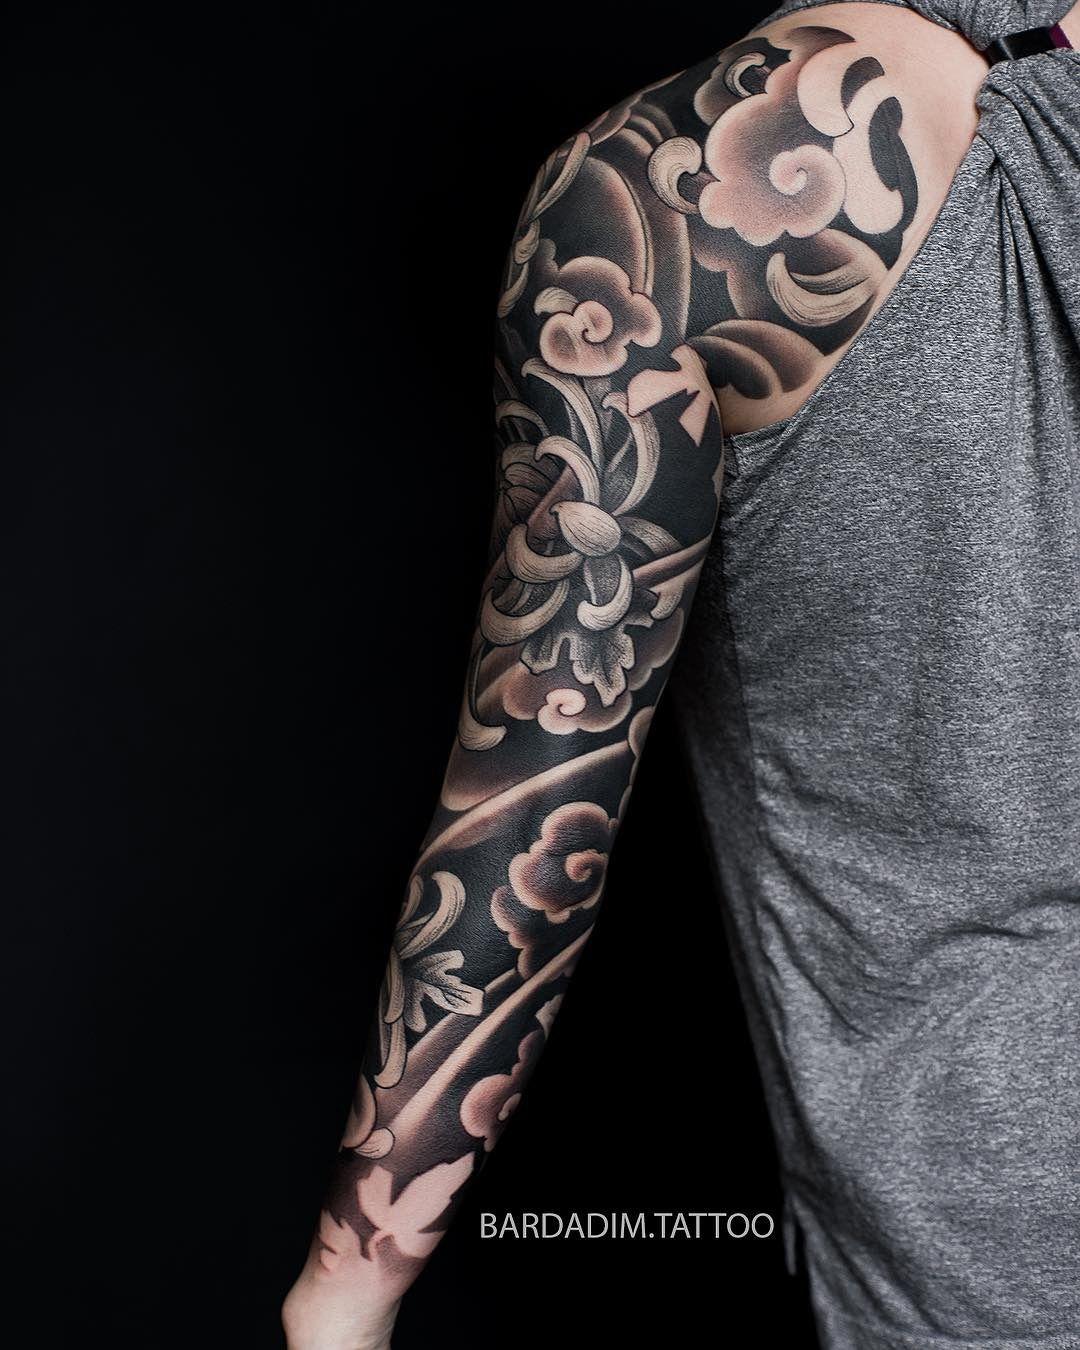 Bardadim Tattoo Portfolio Japanese Tattoos Japanese Tattoo Japanese Sleeve Tattoos Sleeve Tattoos